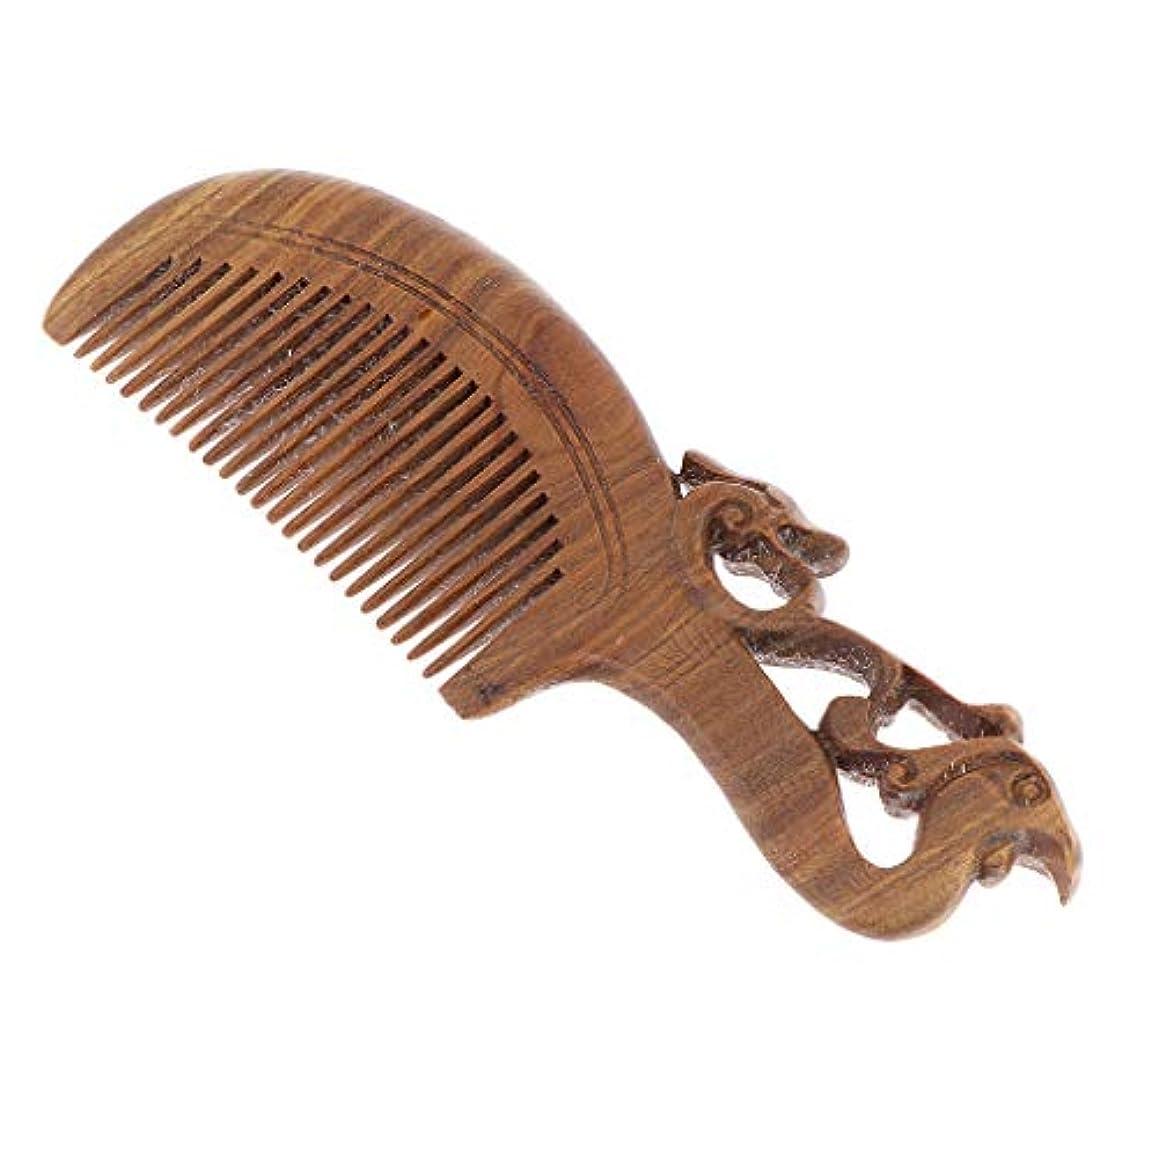 元気な平衡補うウッドコーム 木製櫛 プレゼント 頭皮マッサージ レトロ 手作り 高品質 4タイプ選べ - 17 x 5.5 x 1.2 cm